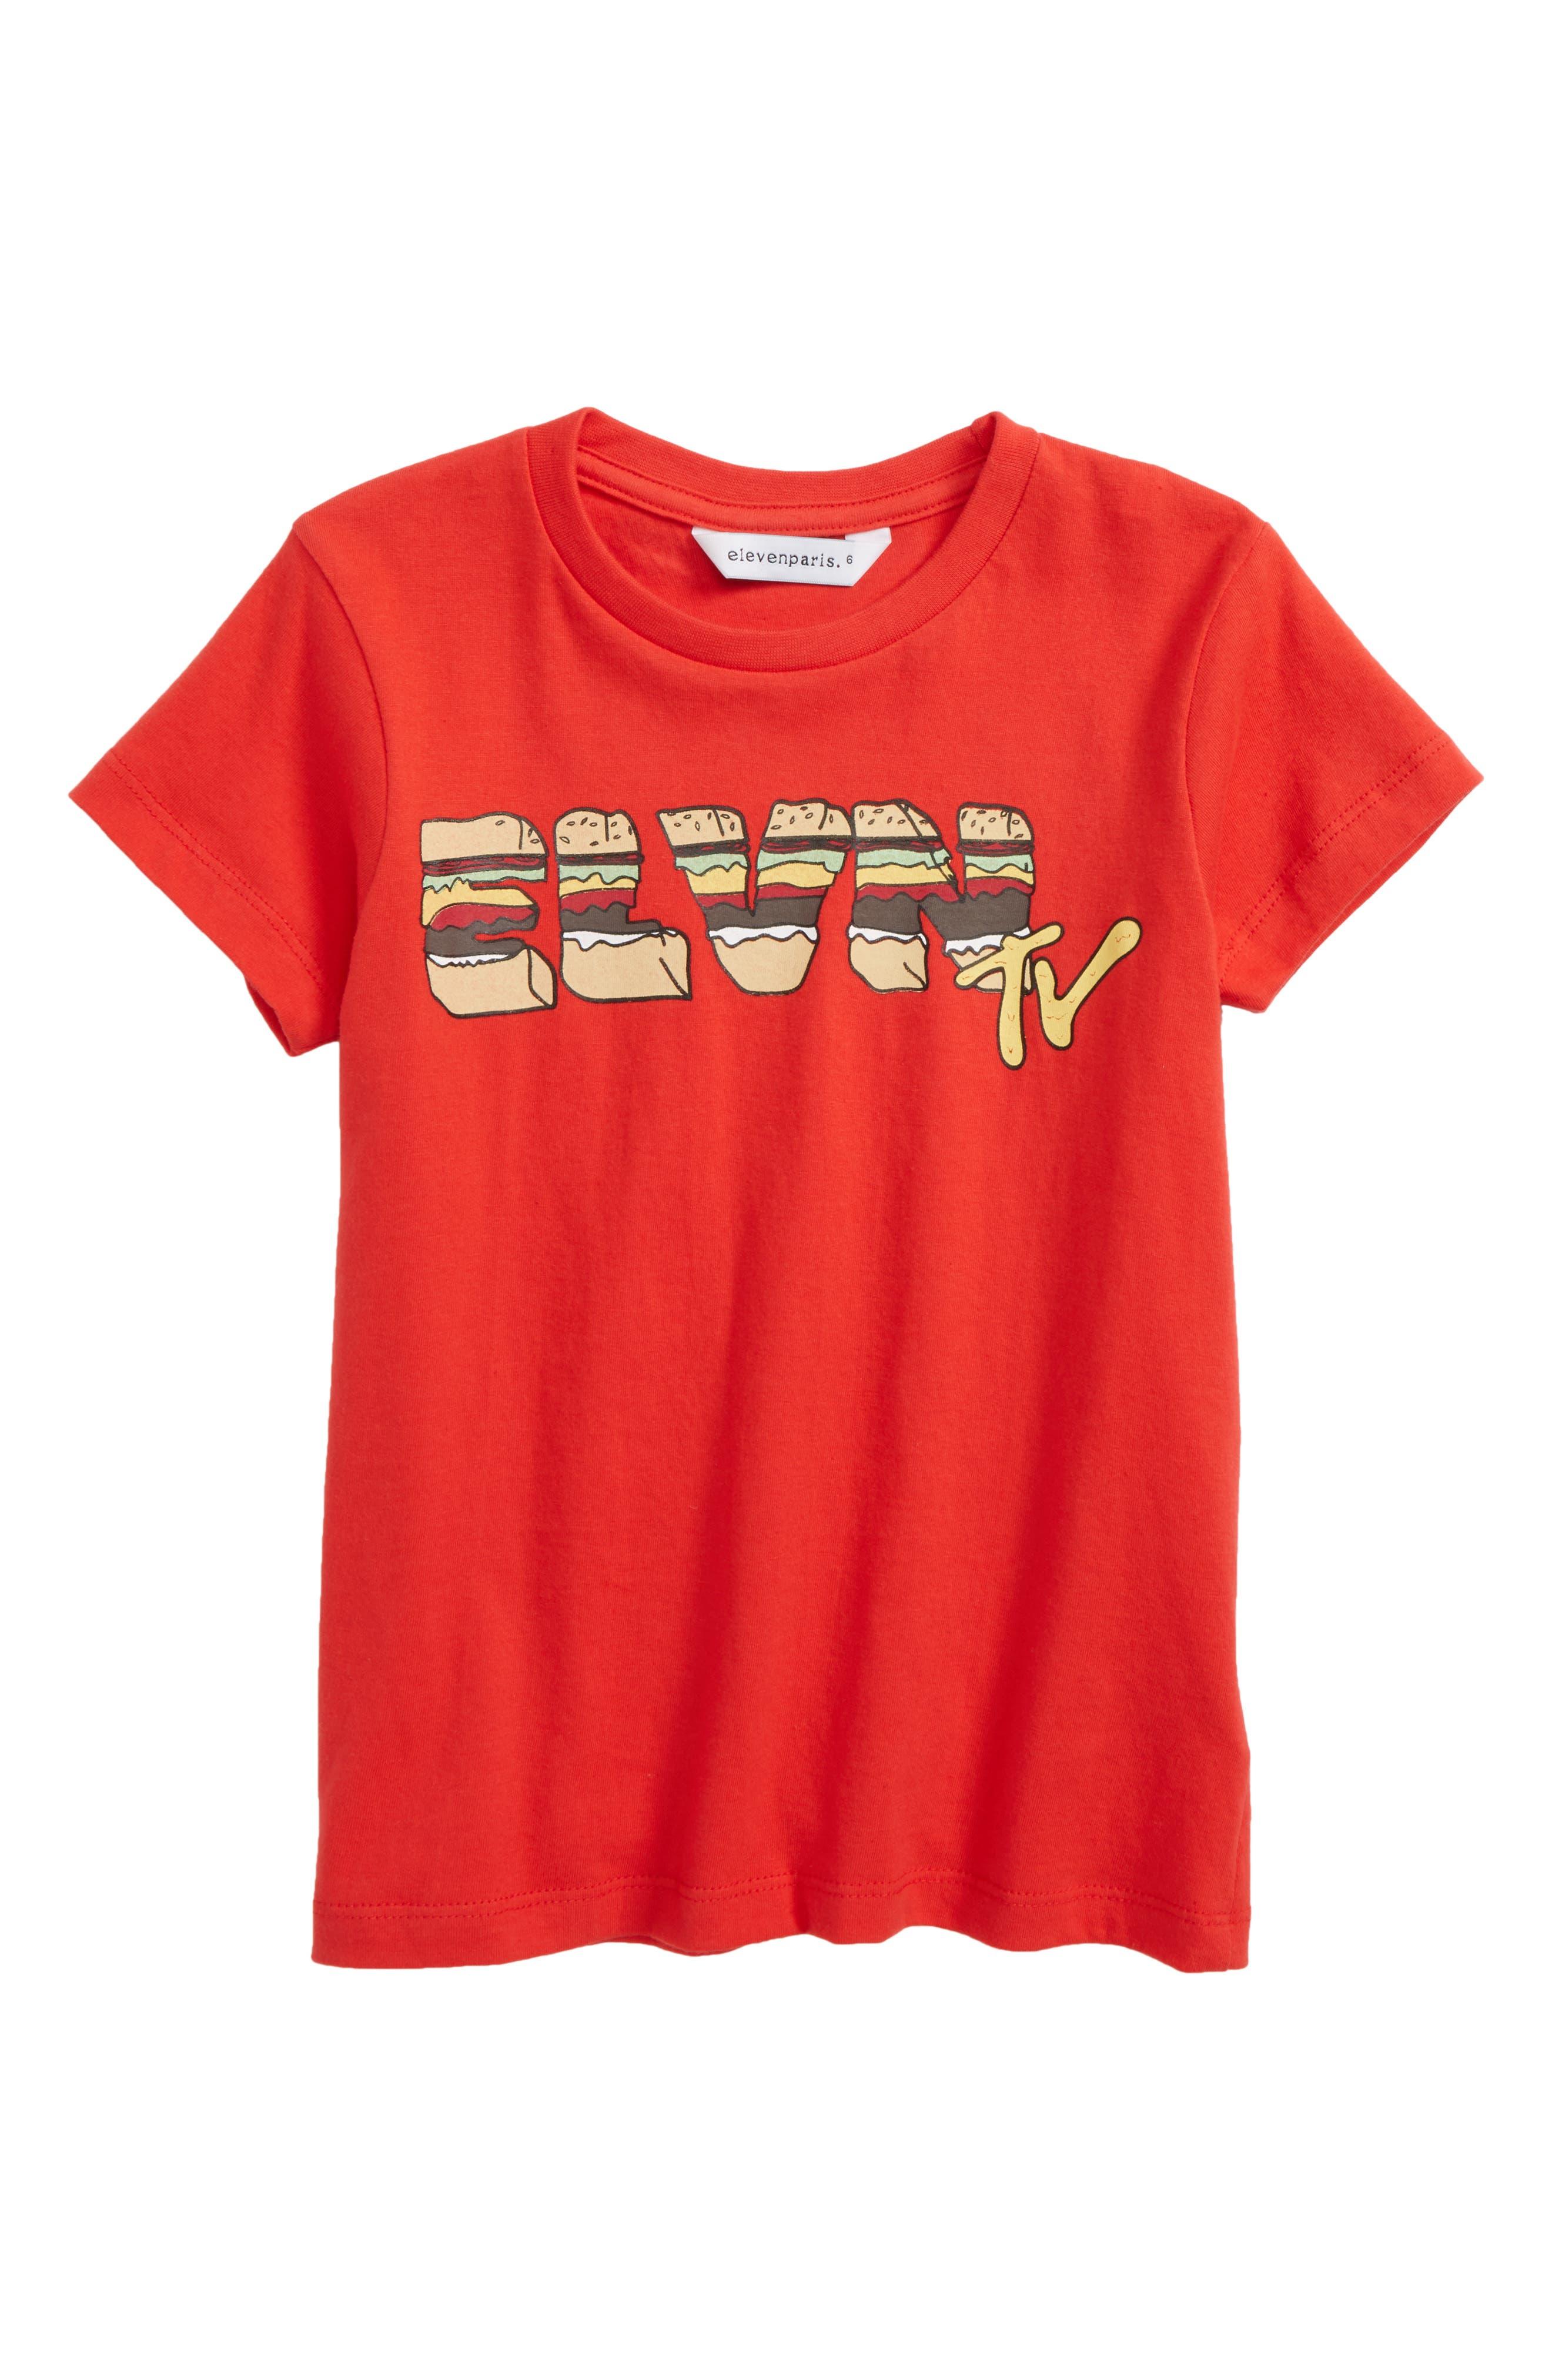 Little ELEVENPARIS HTV T-Shirt,                         Main,                         color, Red